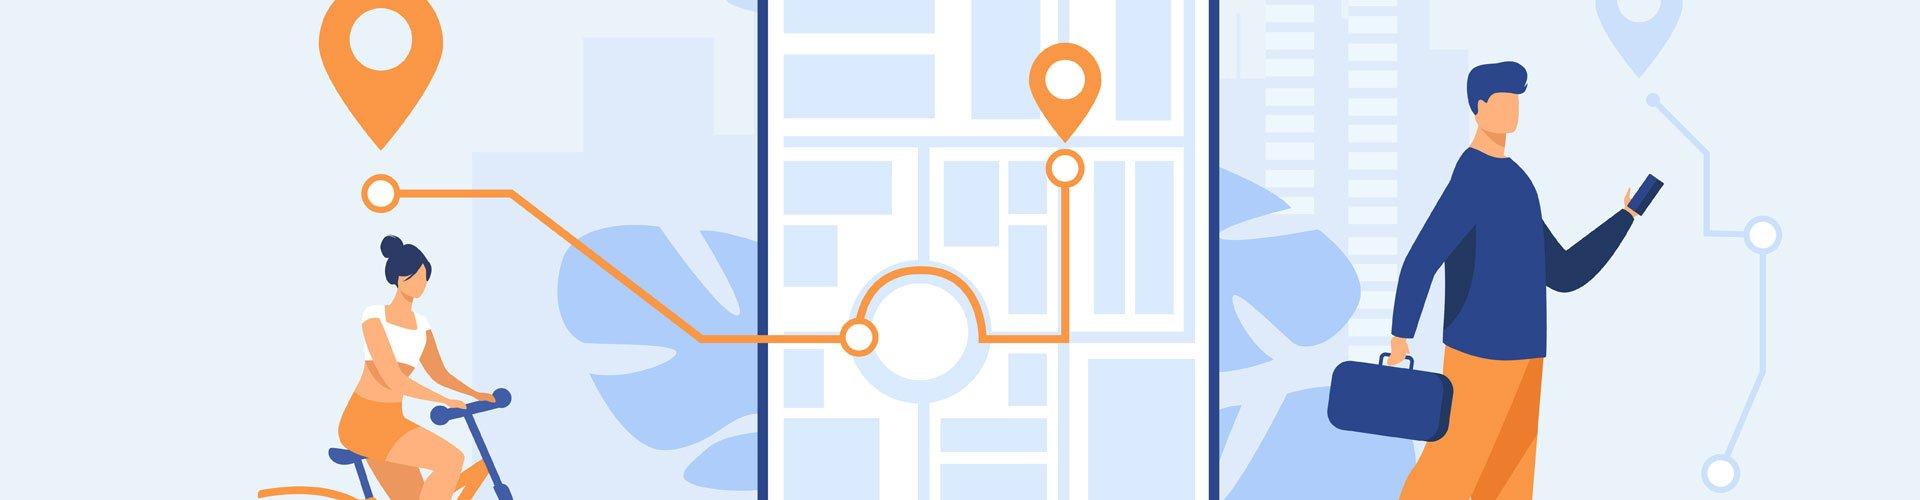 Mobilne aplikacije za putovanja - Blog - AquaTravel.rs